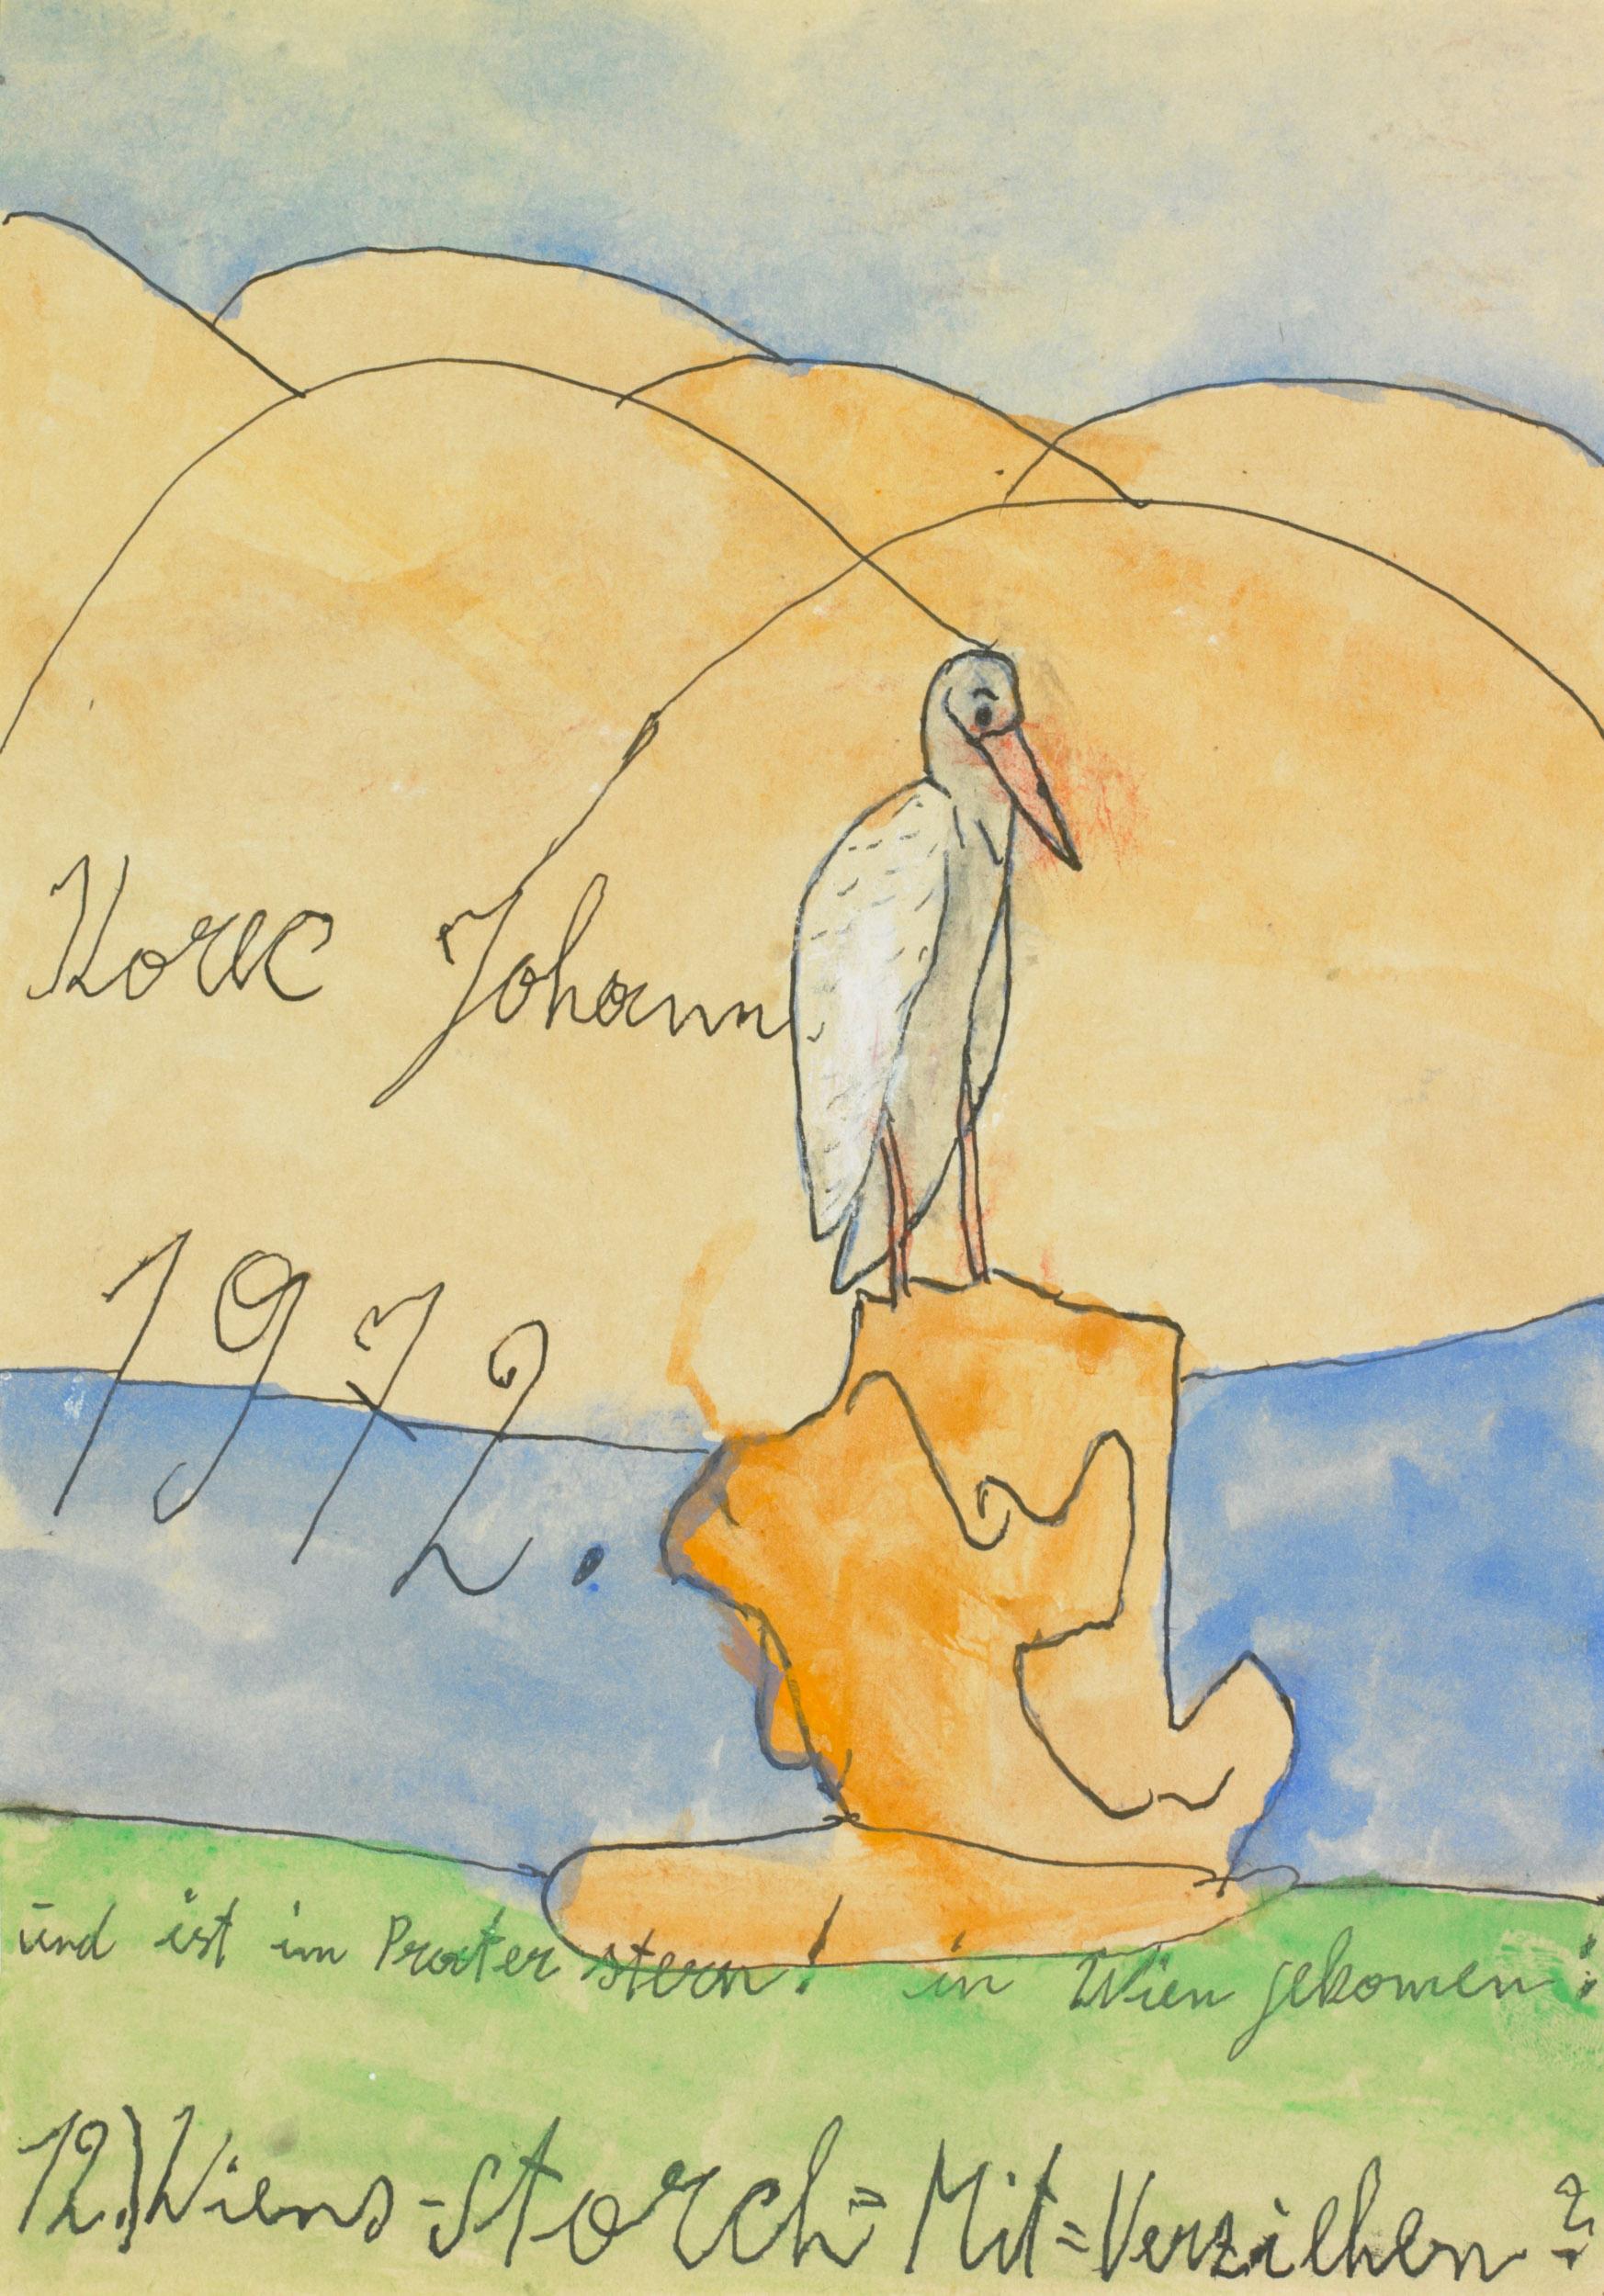 korec johann - Wiens-Storch / Vienna stork